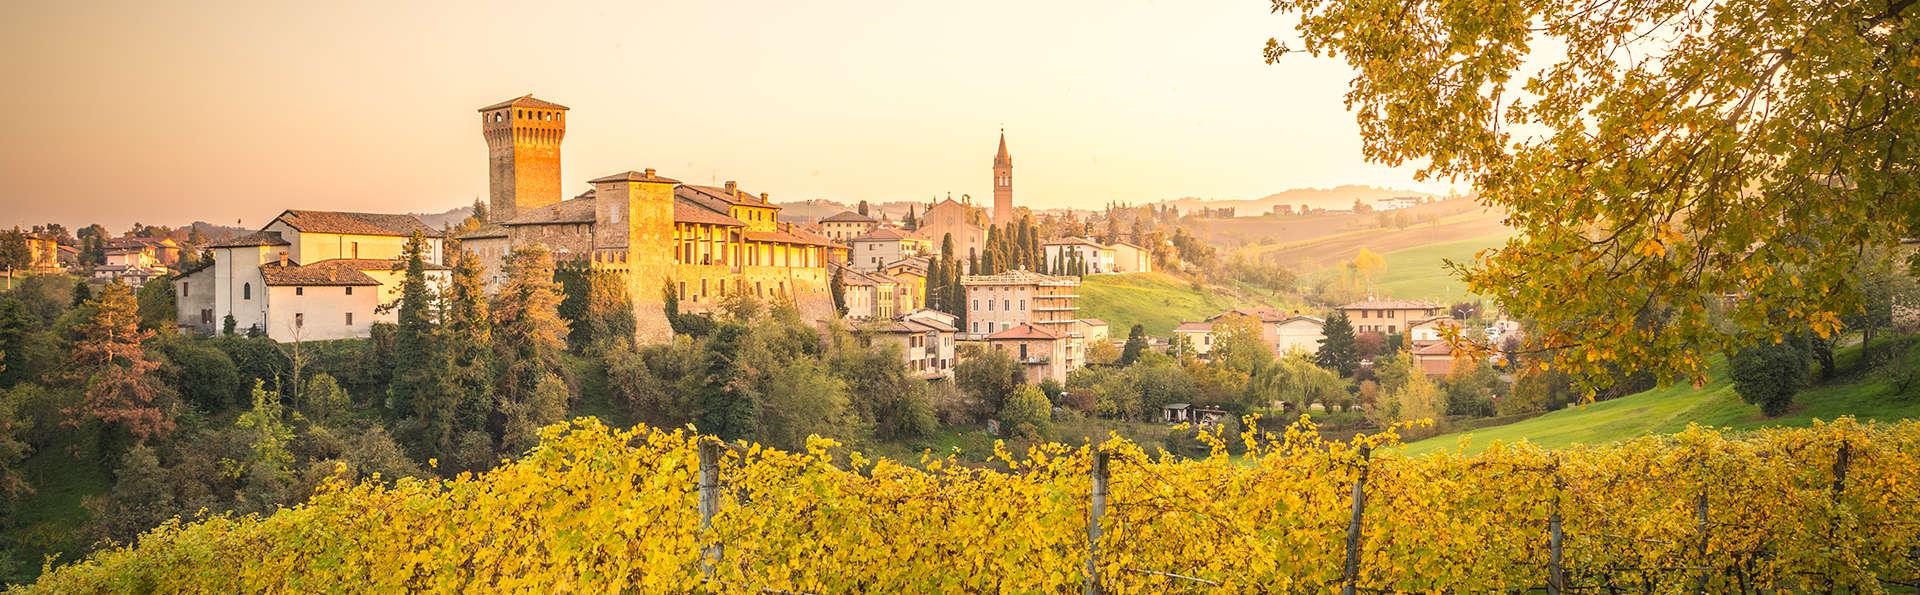 Best Western Plus Modena Resort - edit_shutterstock_345547451_Mod__ne.jpg